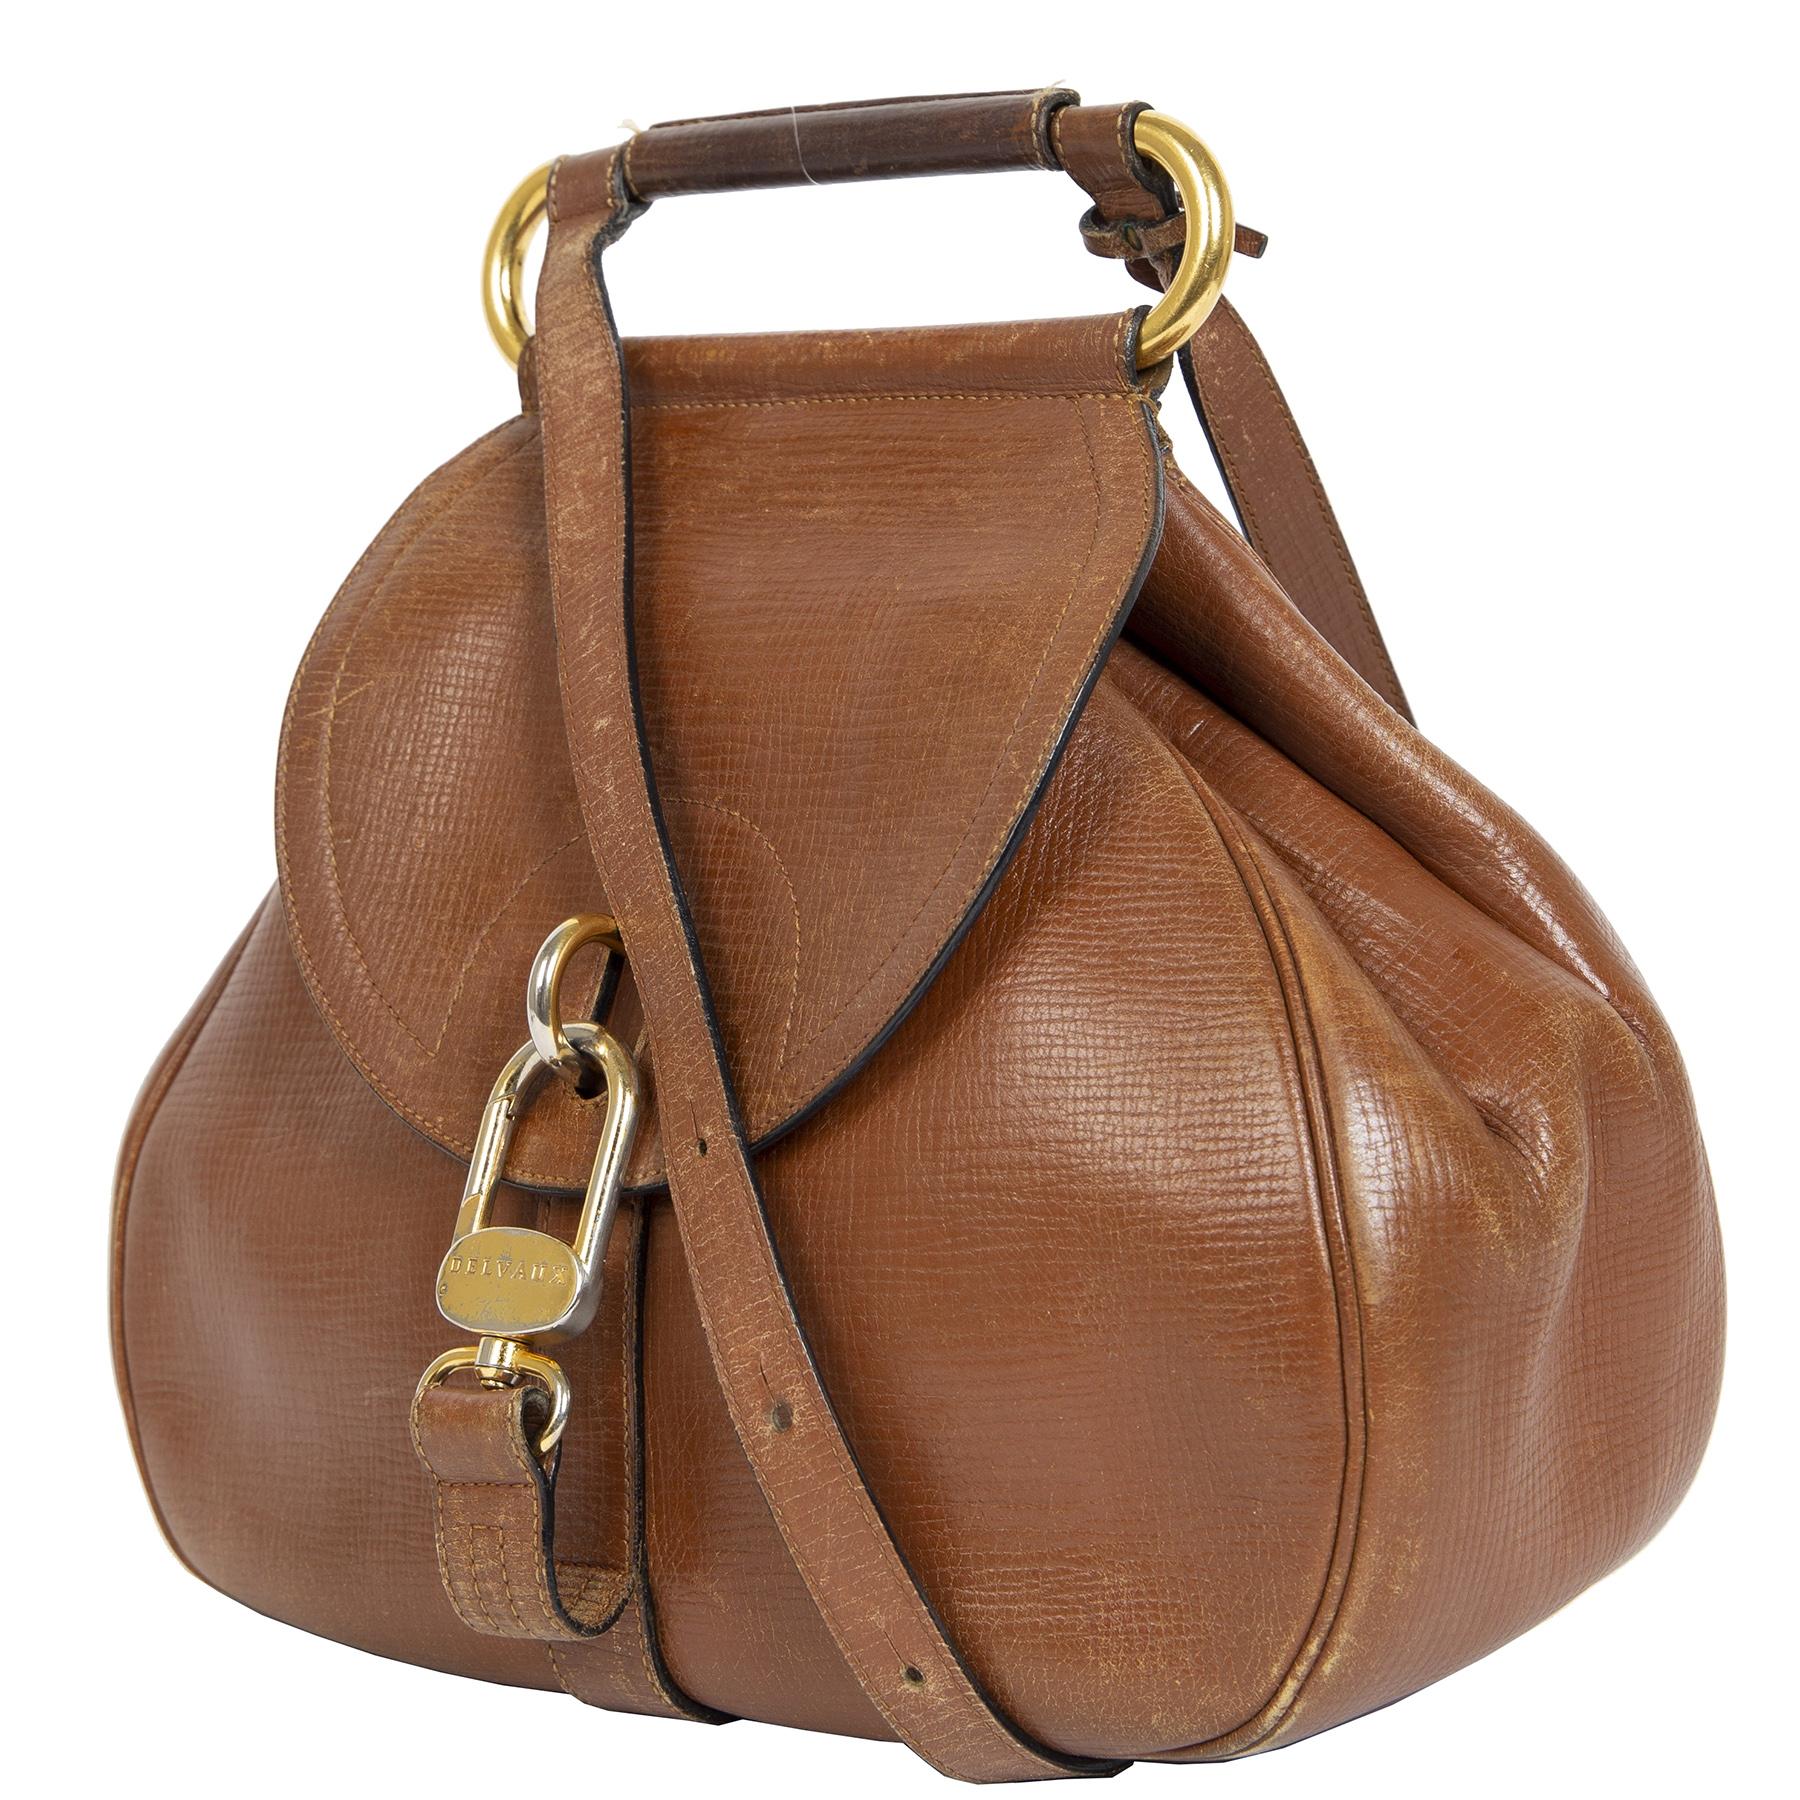 Koop en verkoop uw authentieke designer Delvaux Cognac Cerceau Jumping Bag